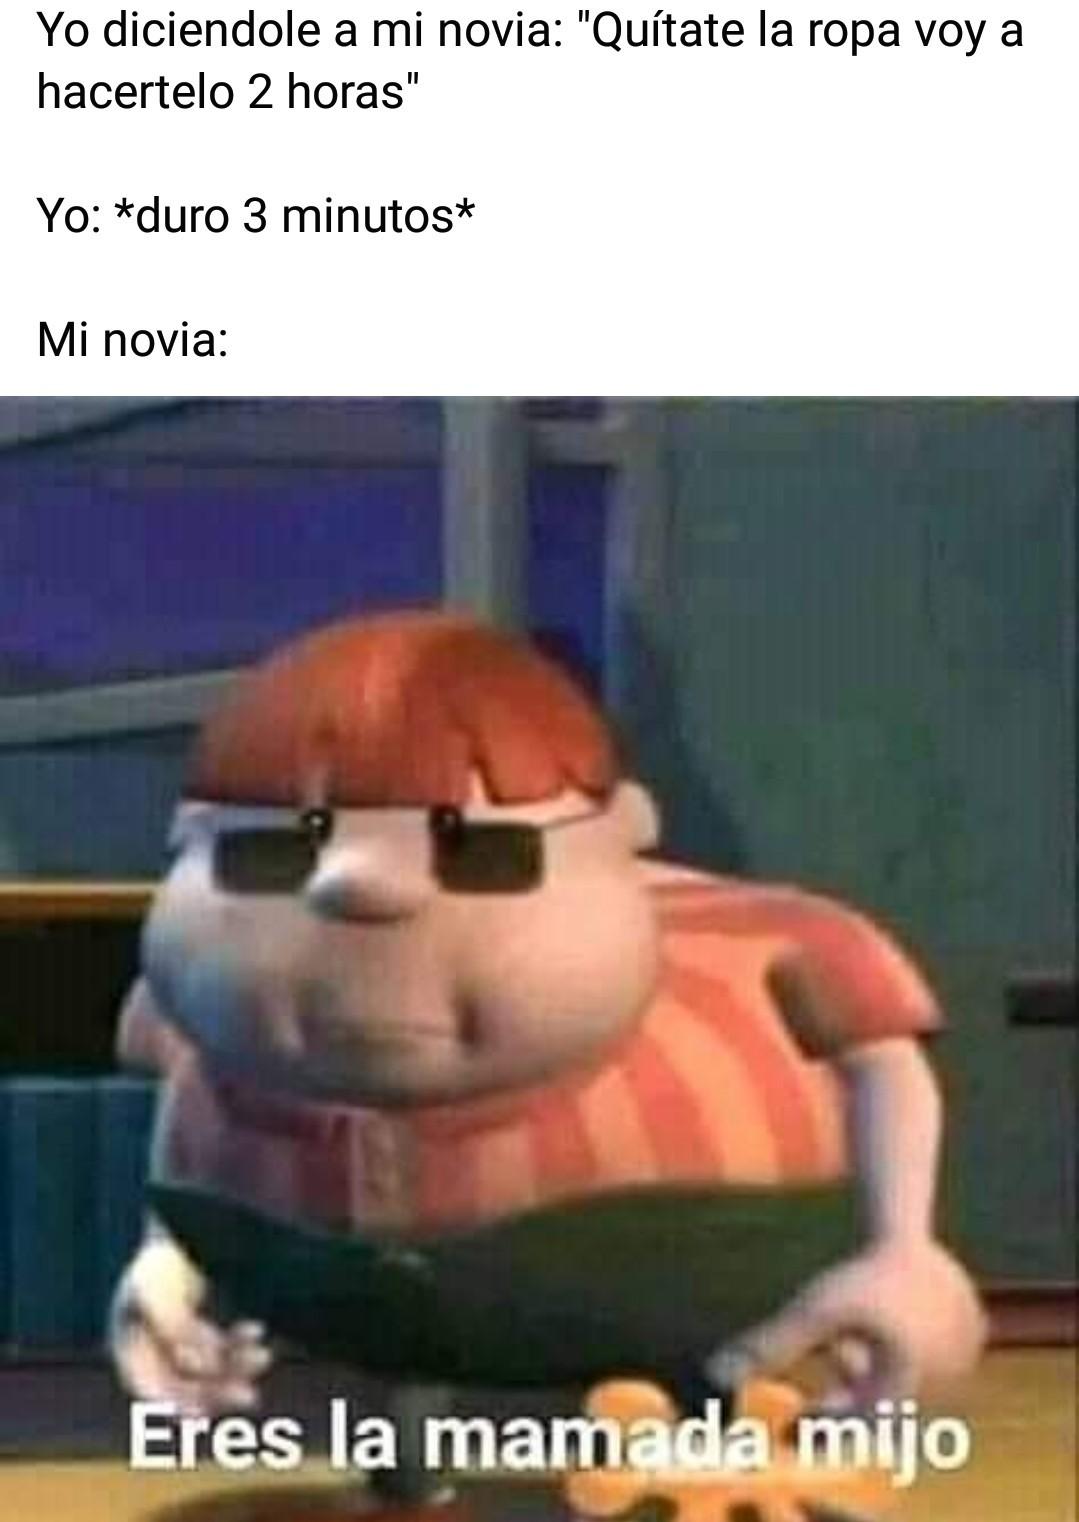 Nunca - meme